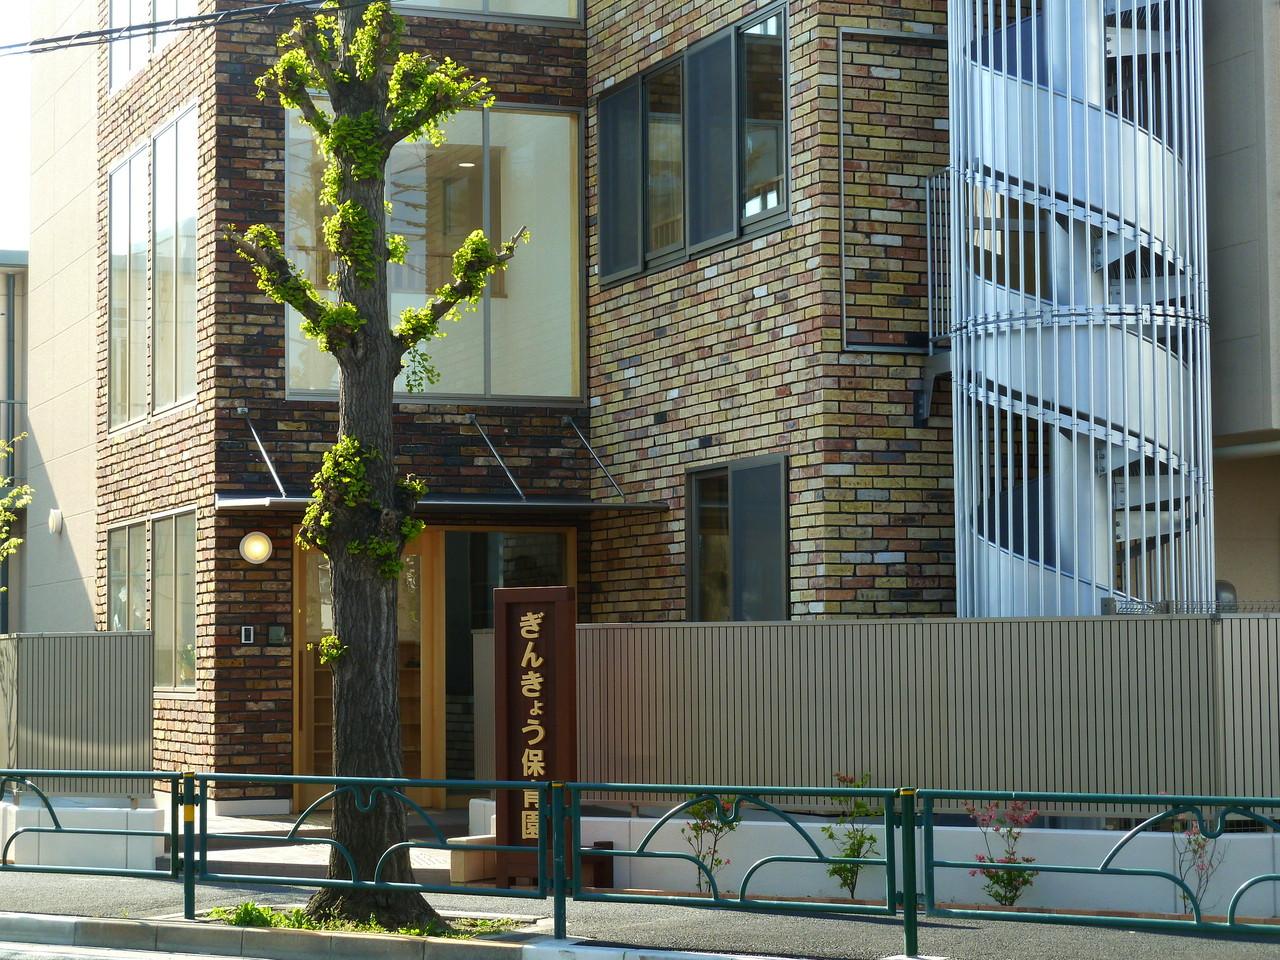 玄関前の世田谷通りのイチョウの木。ガードレールもイチョウの葉の形ですね。